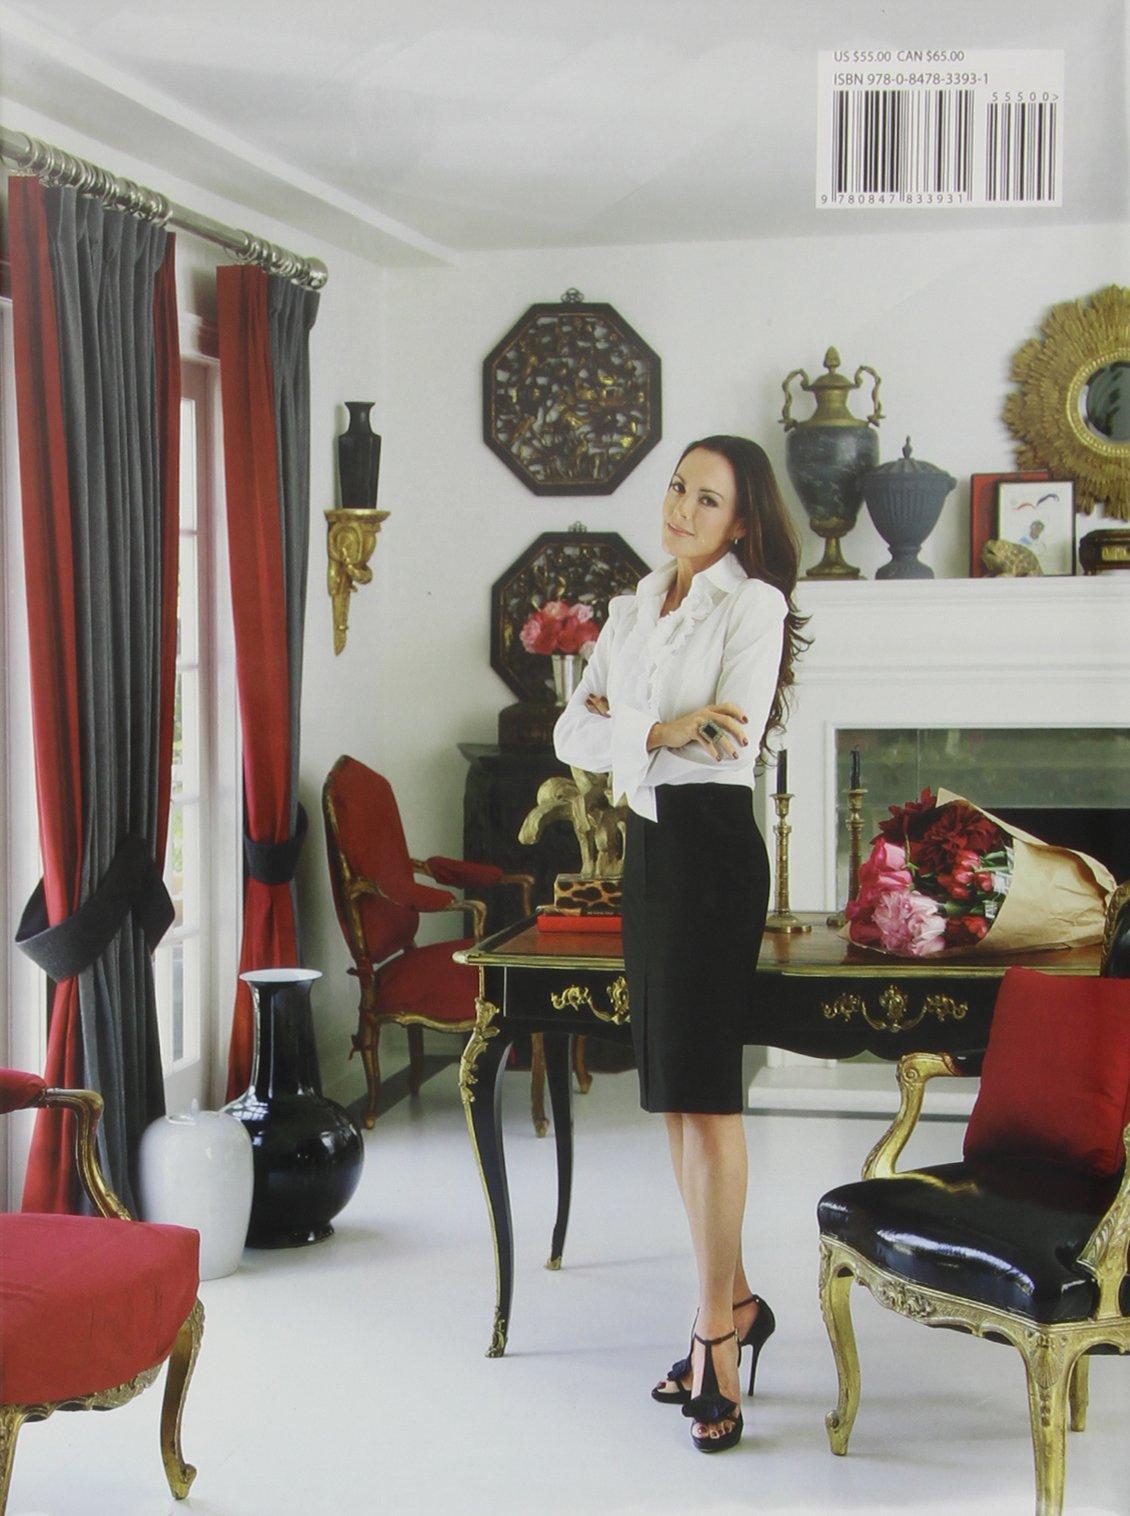 Charmant Mary McDonald: Interiors: The Allure Of Style: Mary McDonald:  9780847833931: Amazon.com: Books